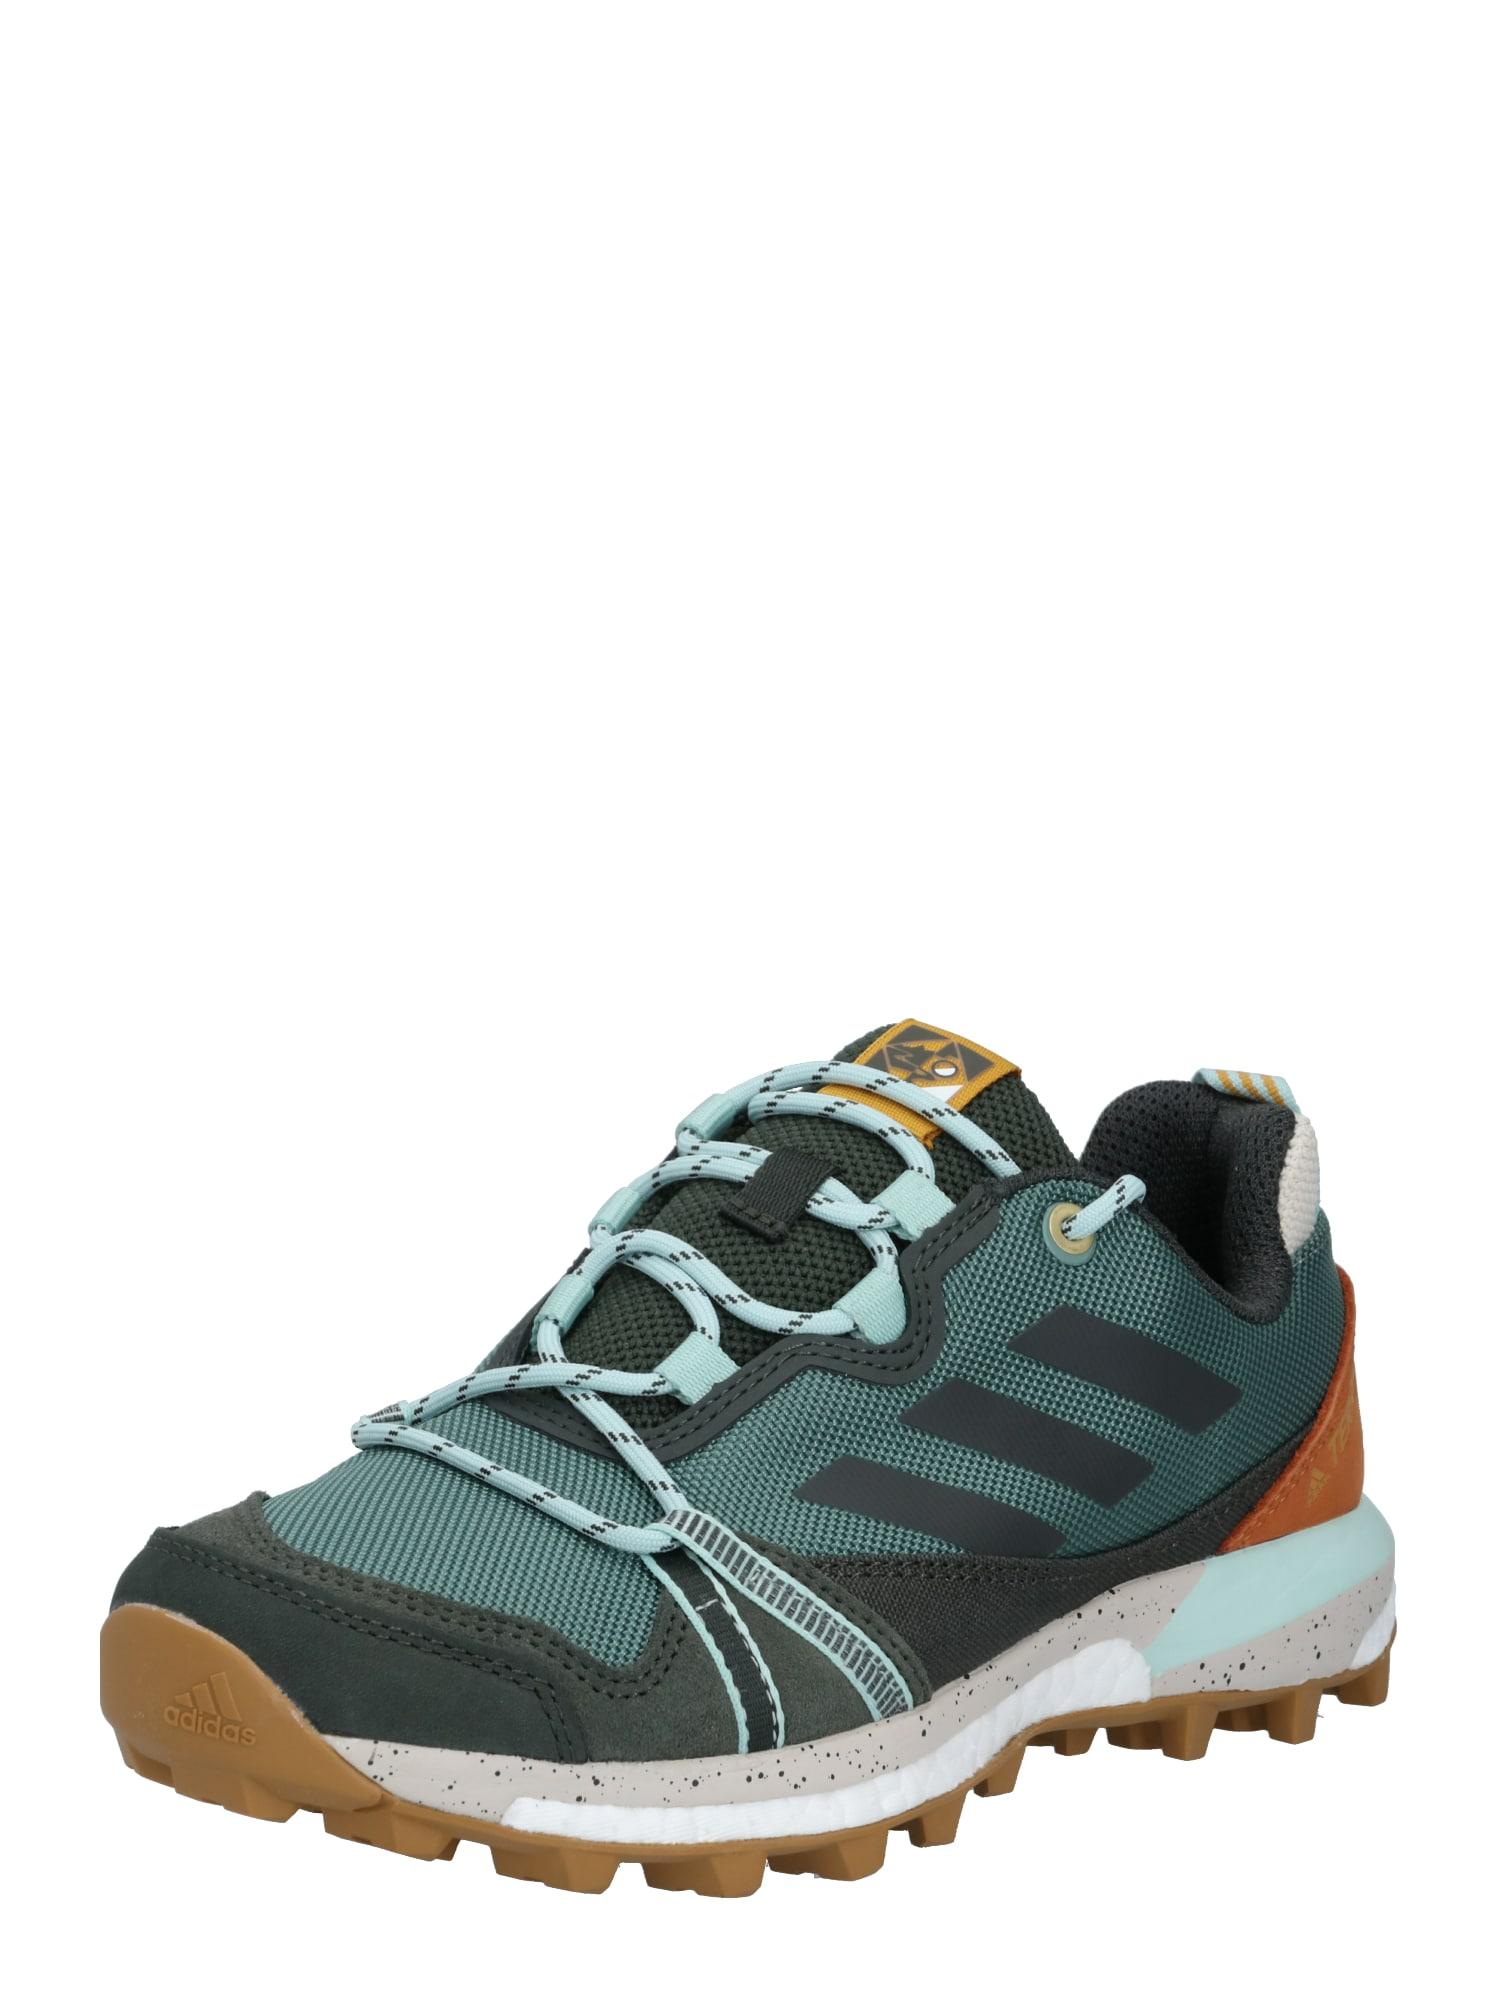 ADIDAS PERFORMANCE Sportiniai batai 'Terrex Skychaser' žalia / juoda